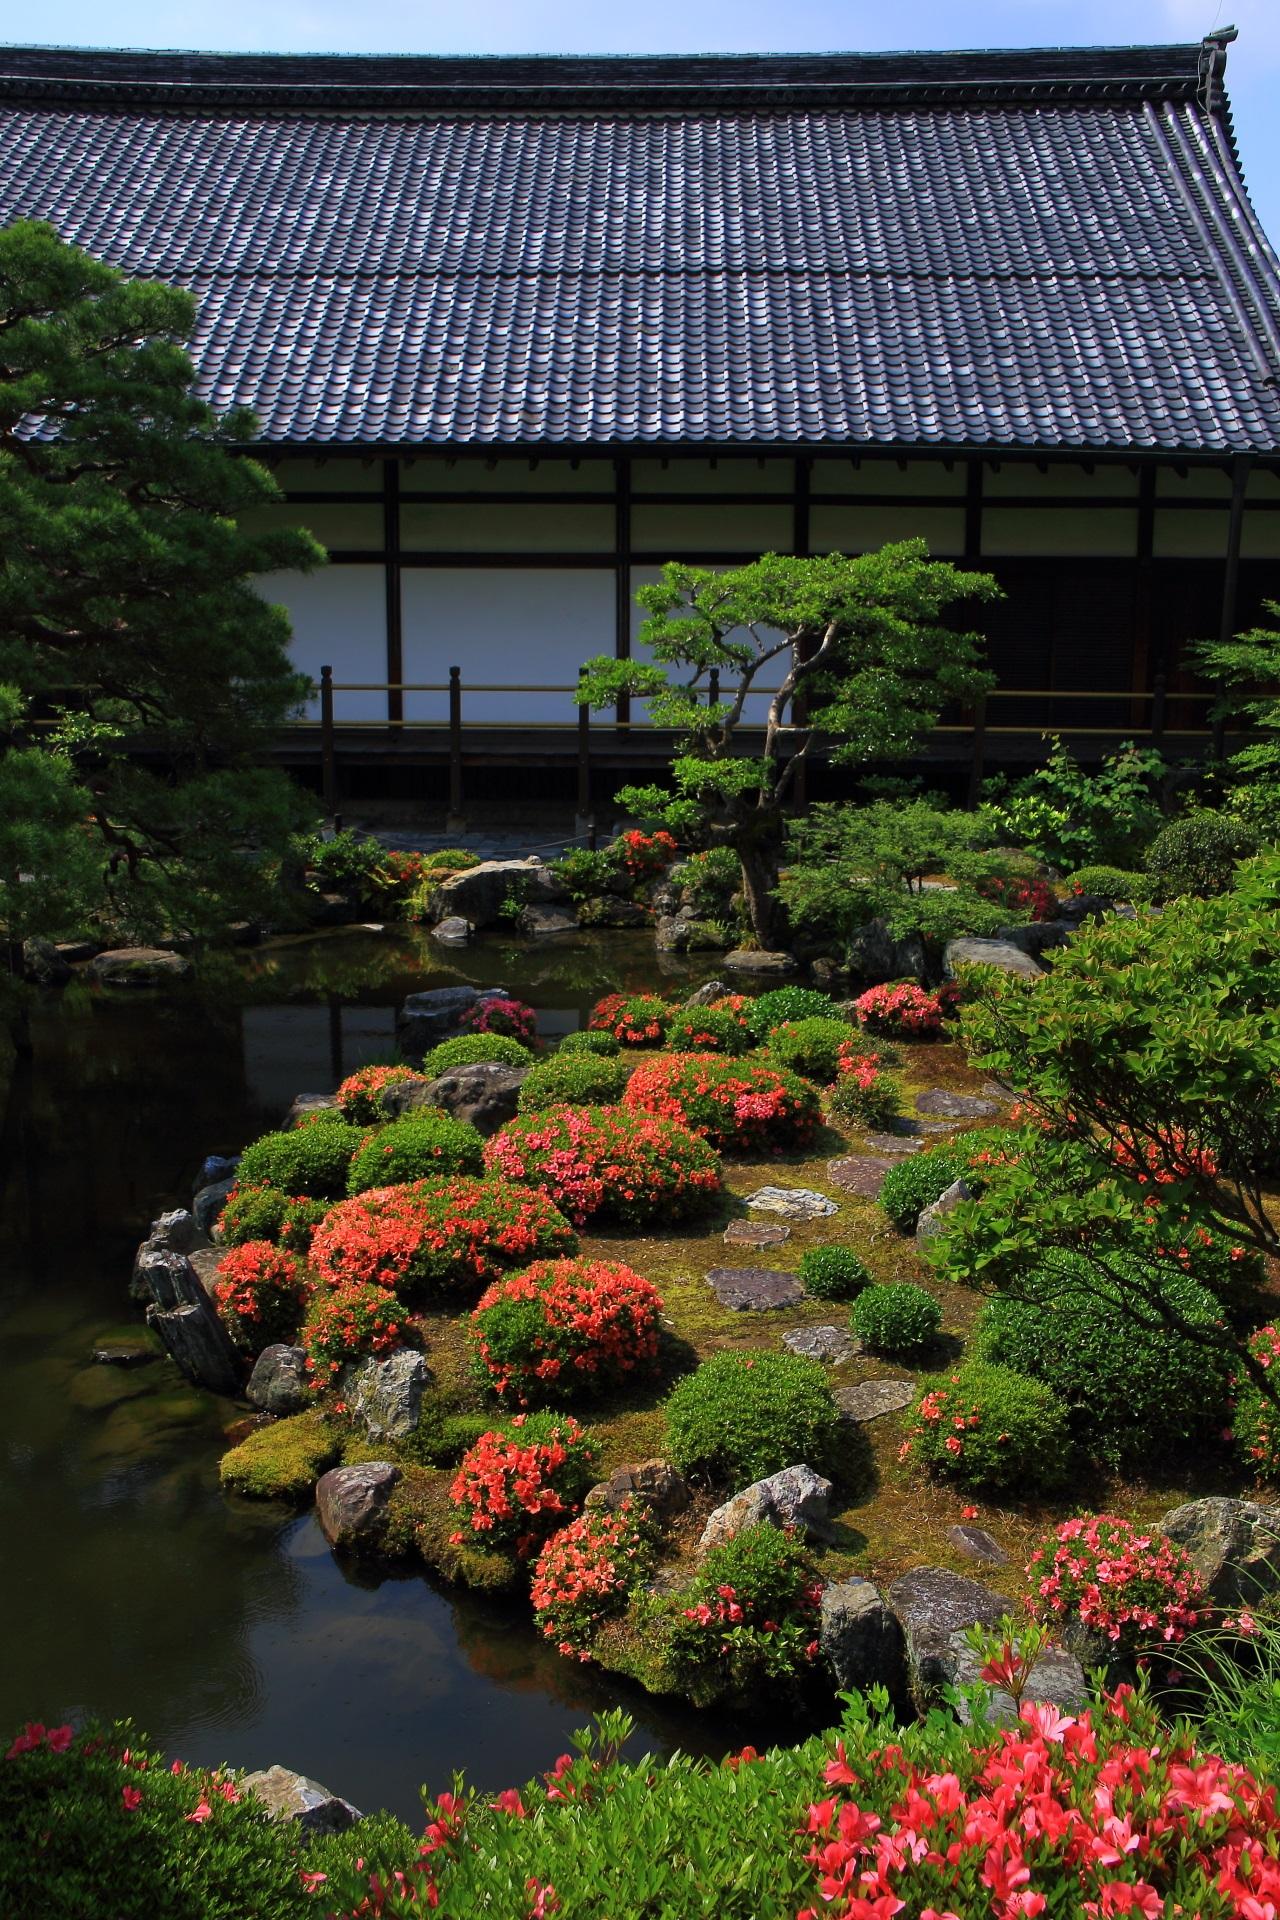 蓬莱島で見事に咲き誇るサツキと芙蓉池の向こうに見える方丈